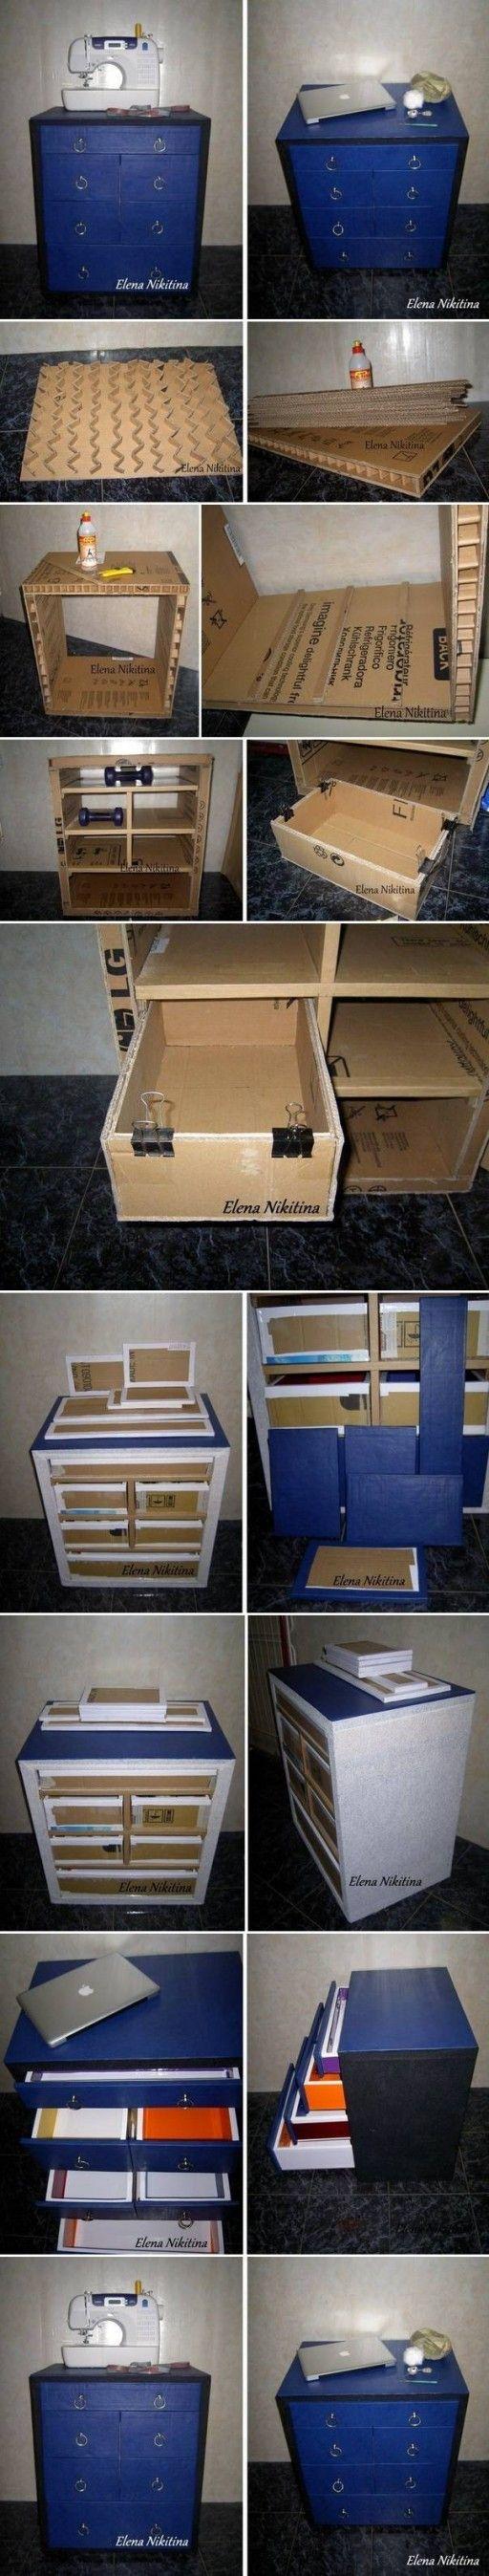 eierkartons anstatt zickzackpape papier pappe pinterest eierkartons pappe und m bel aus pappe. Black Bedroom Furniture Sets. Home Design Ideas